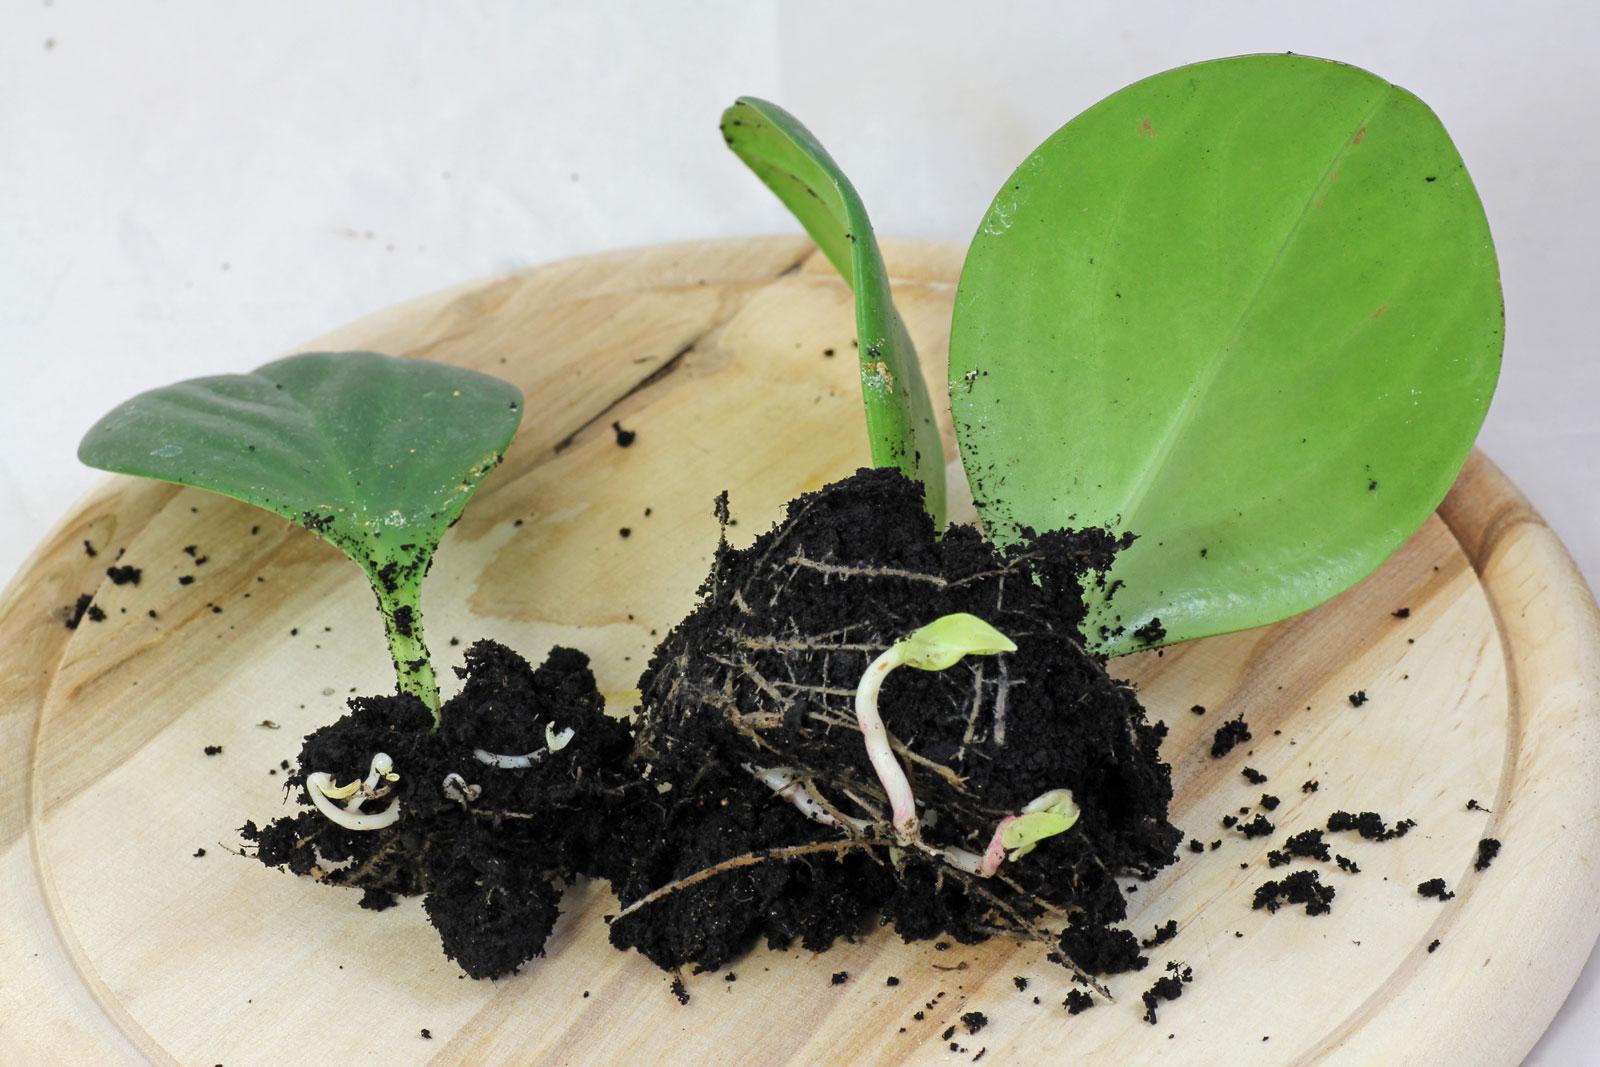 Peperomia cuttings